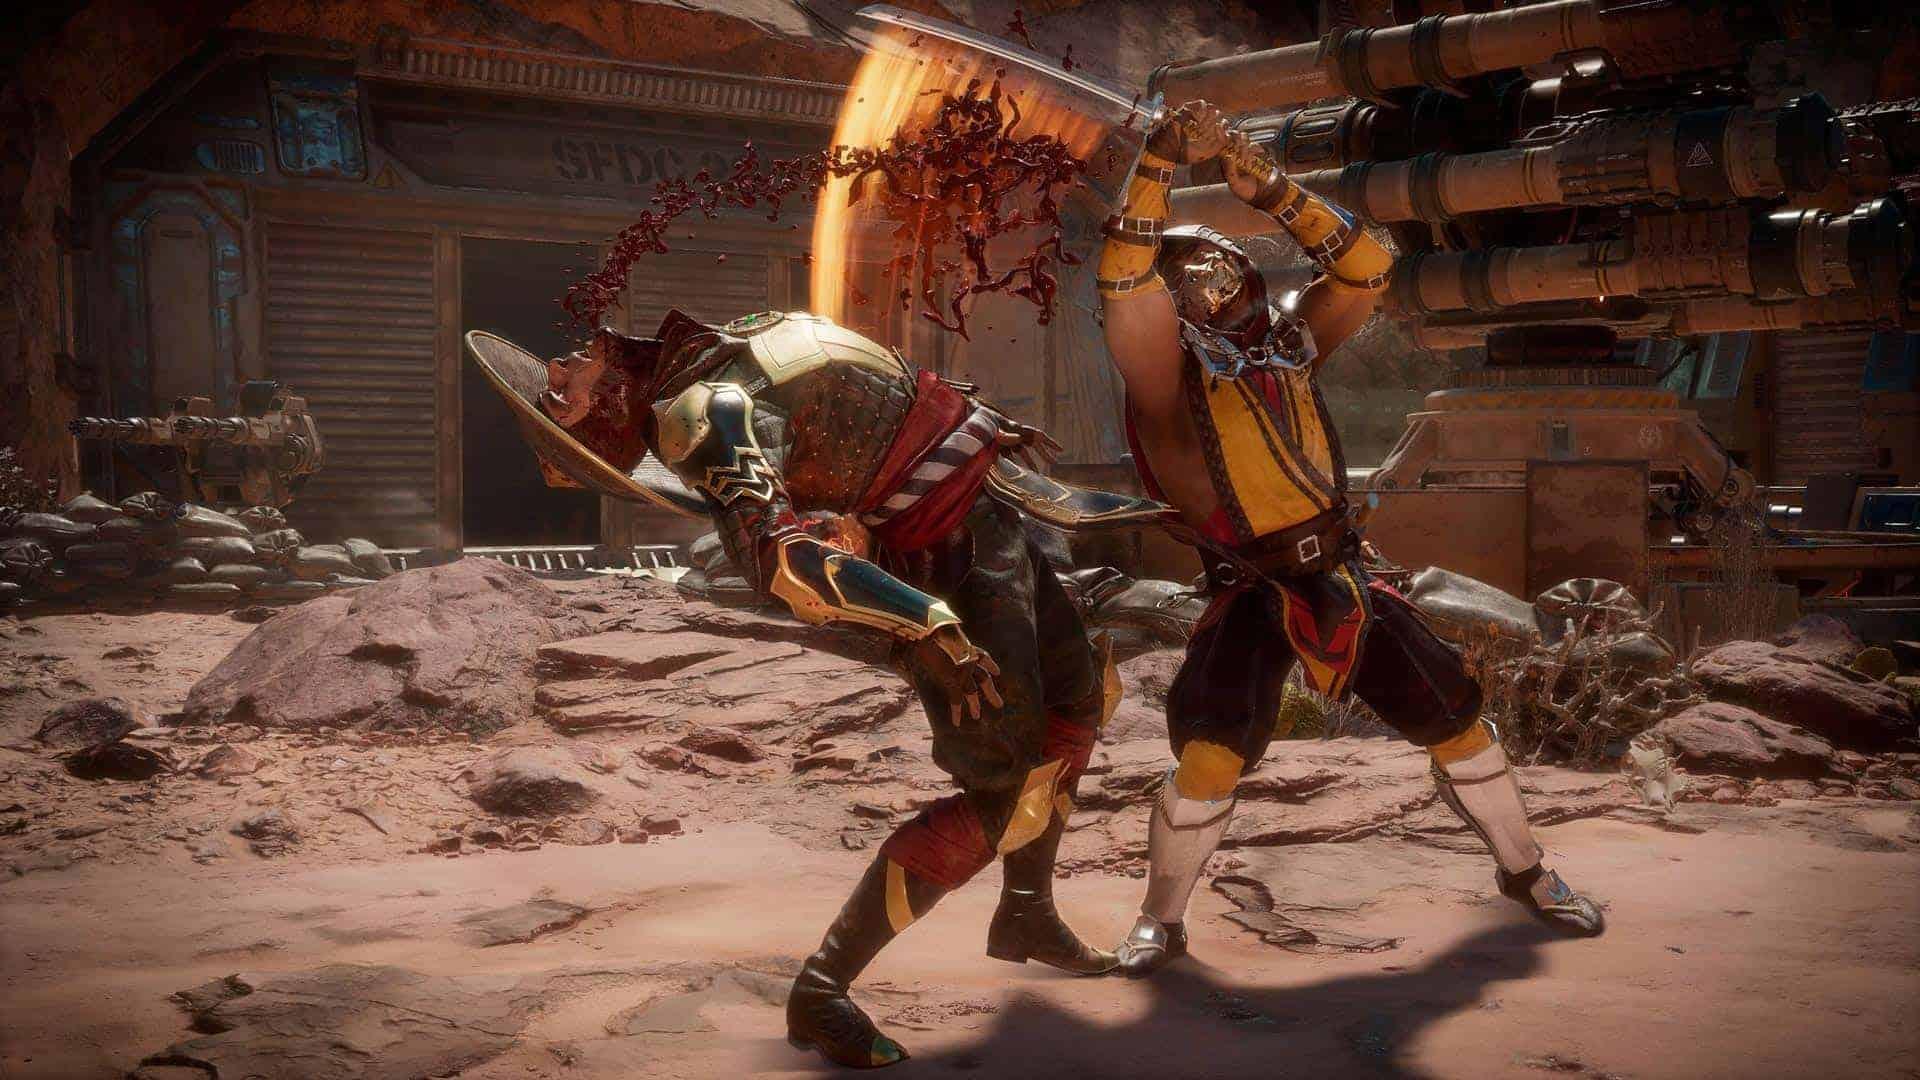 Mortal Kombat 11 Download pc game - Install-Game